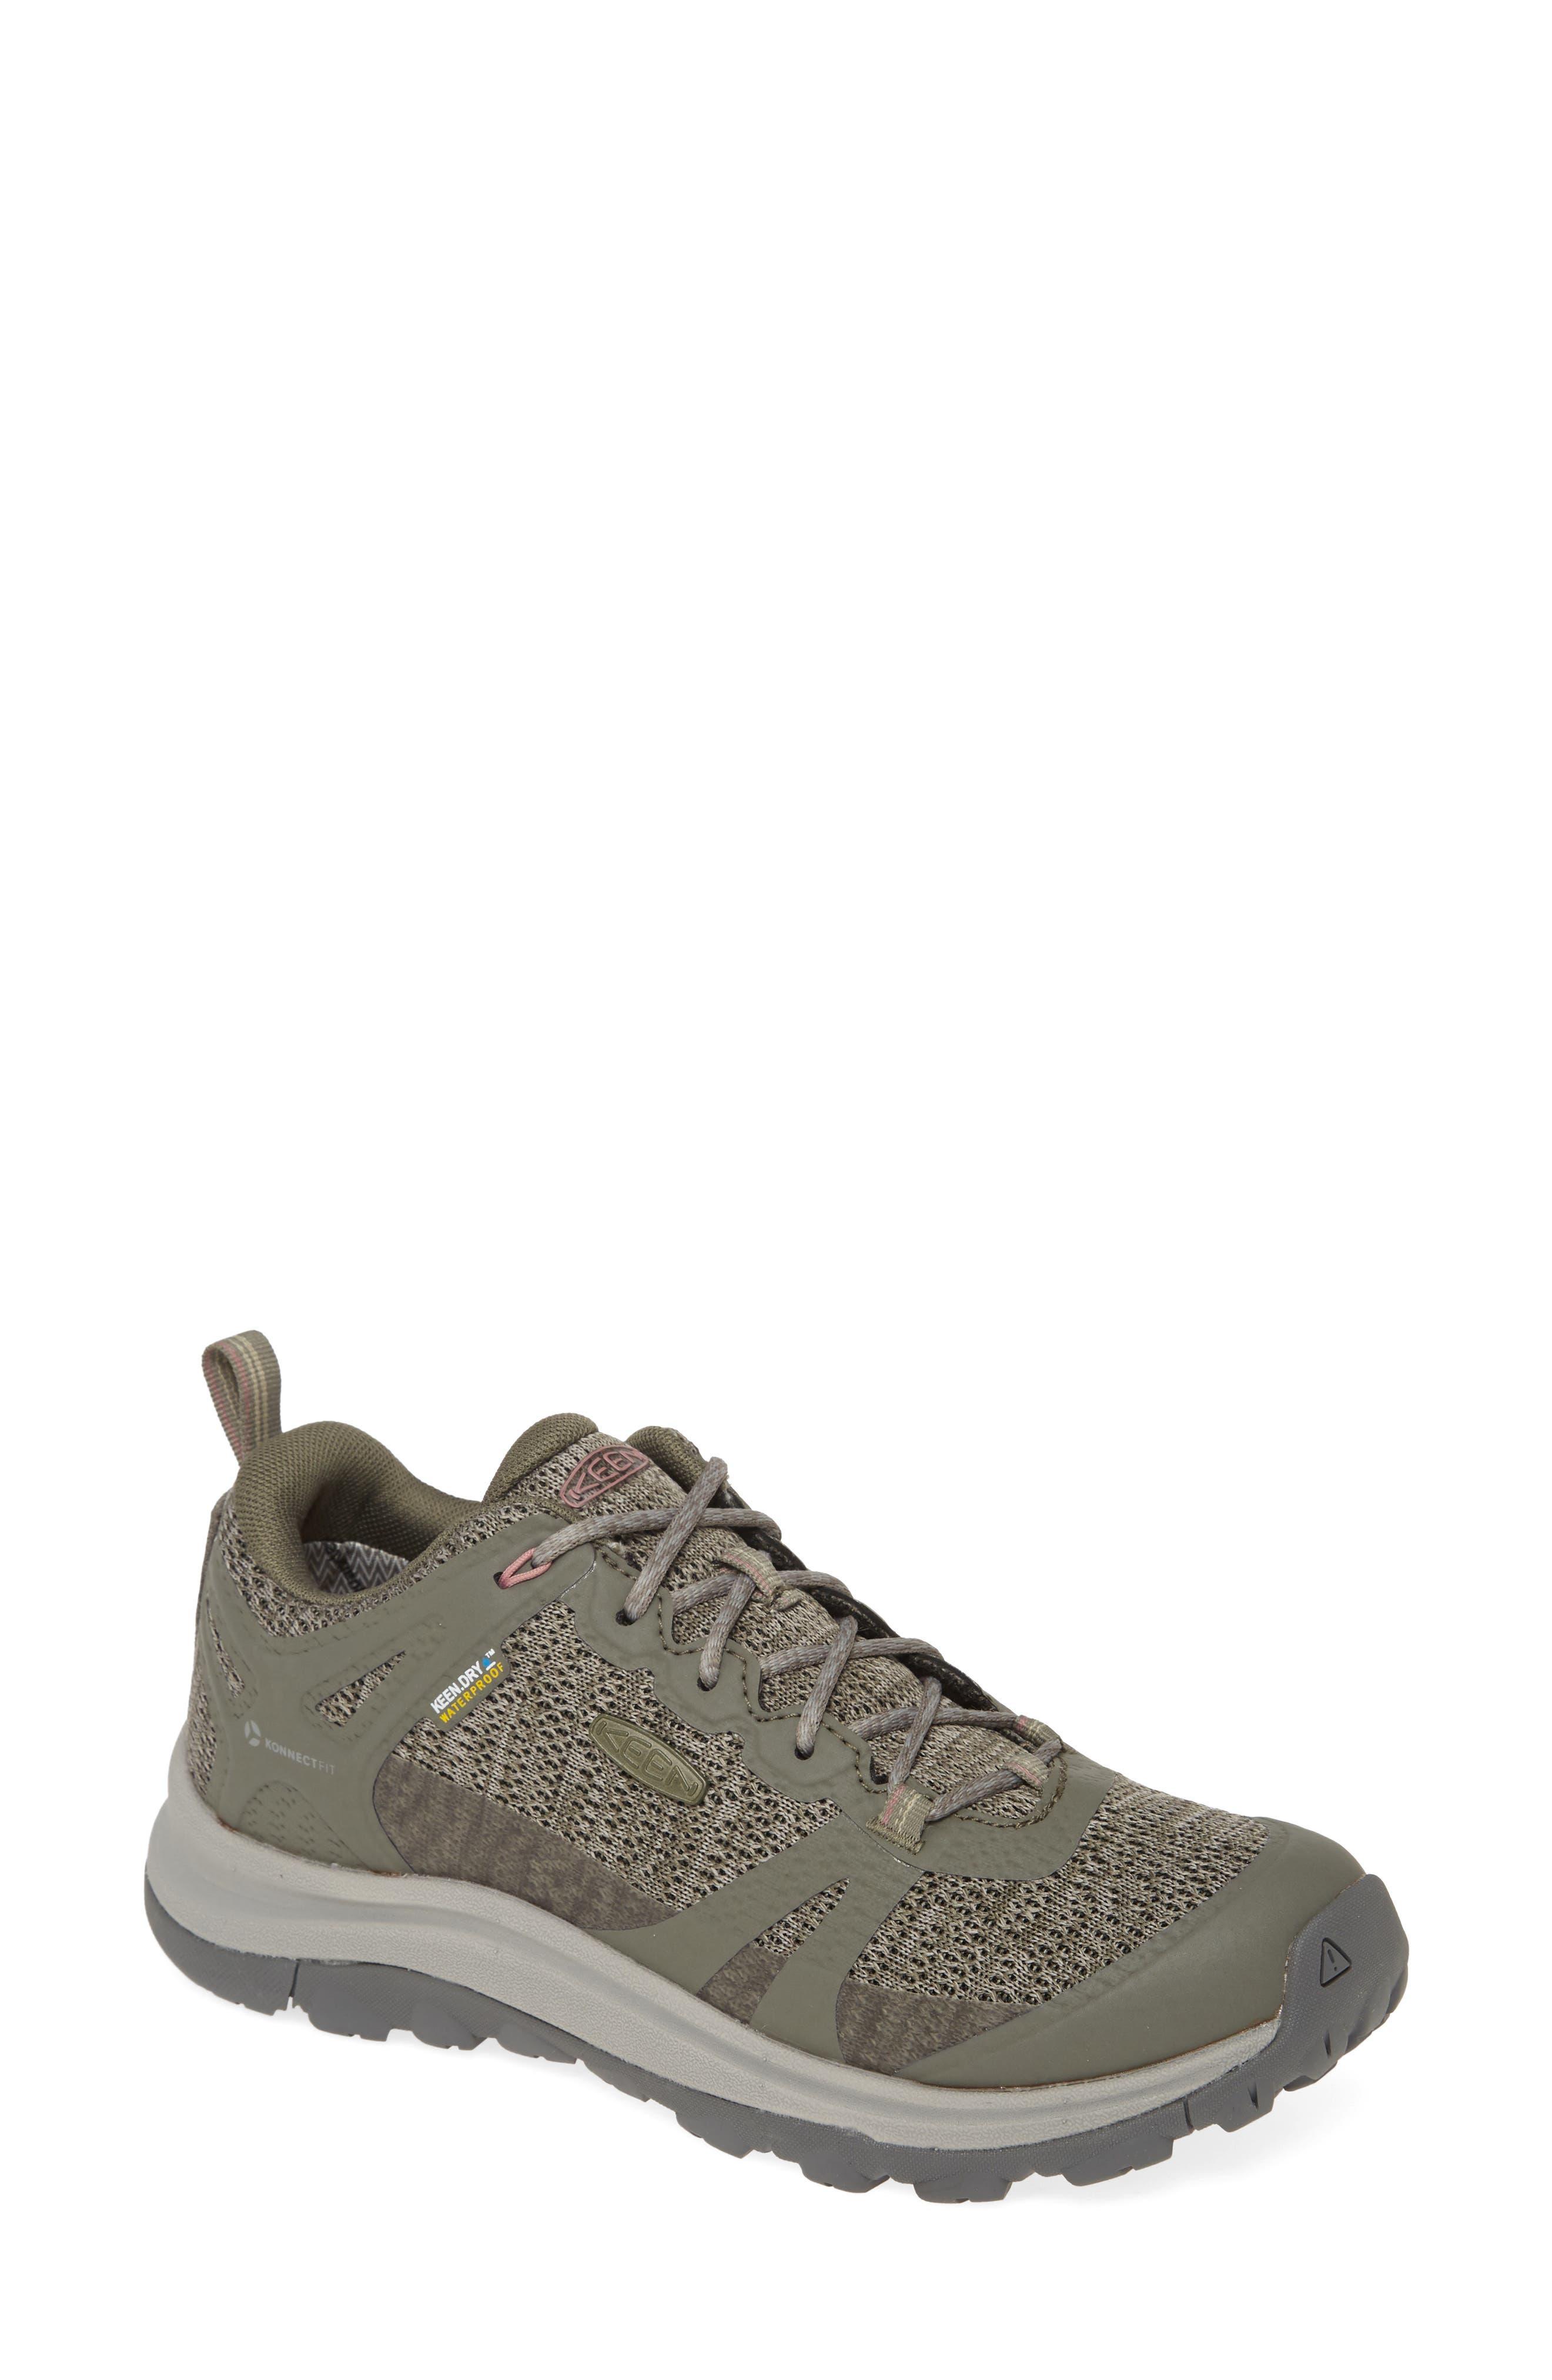 Terradora Ii Waterproof Sneaker